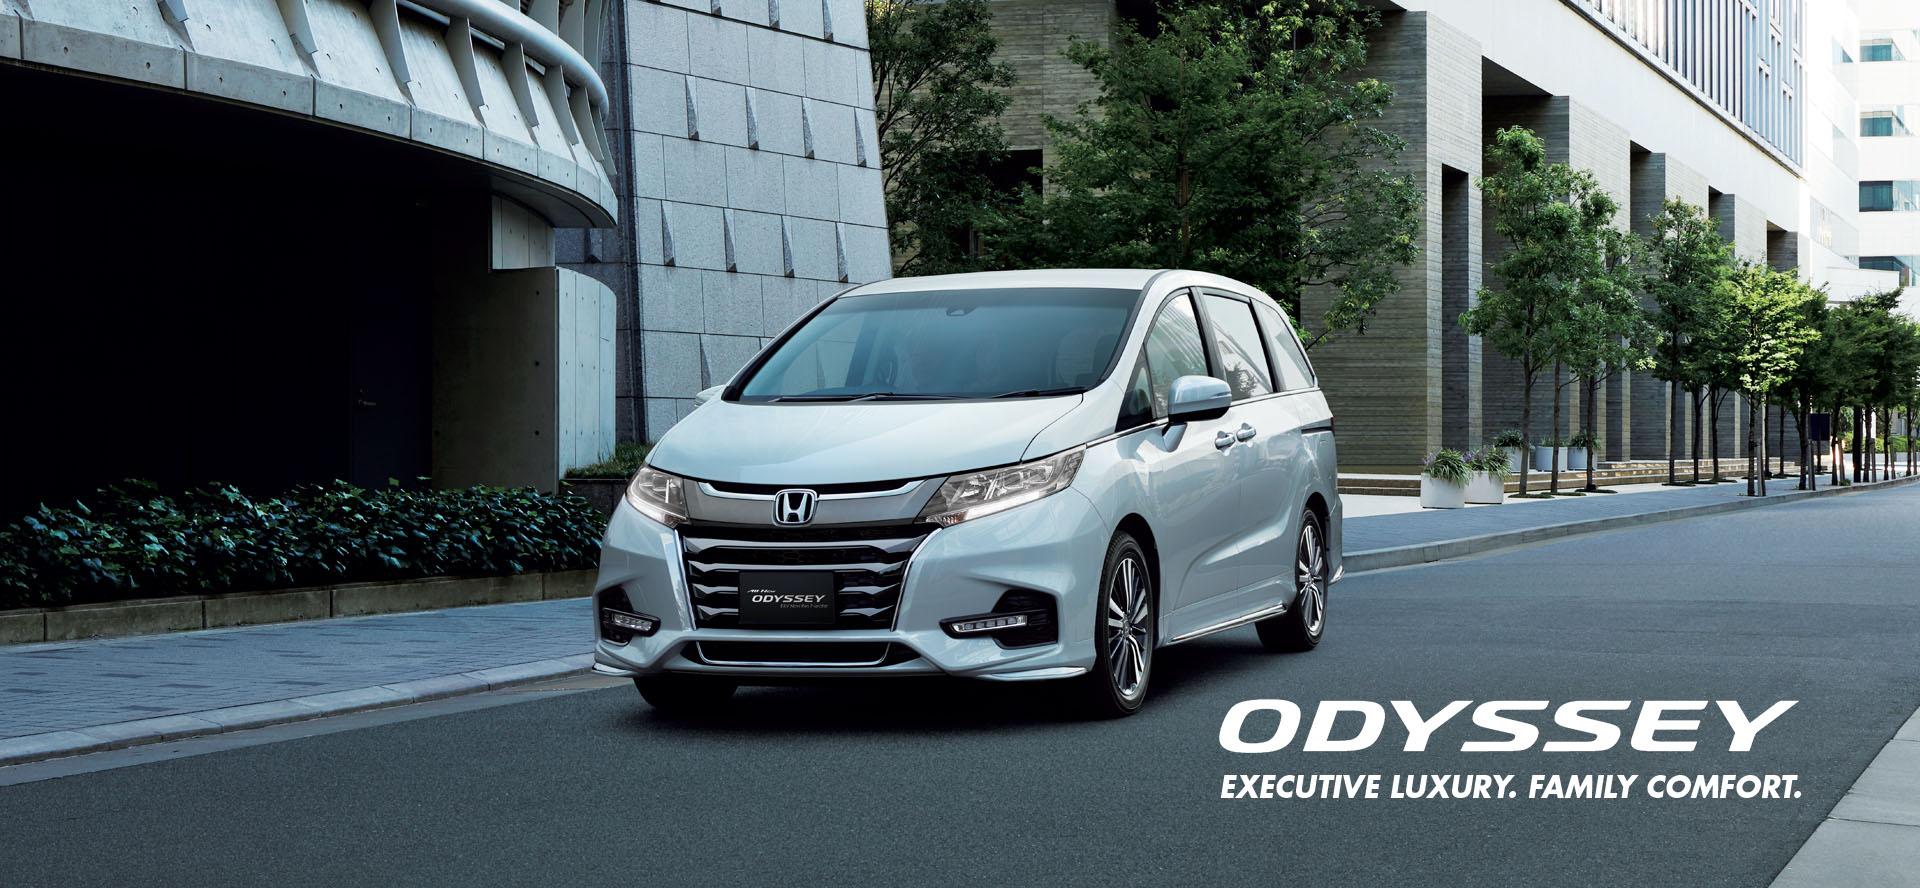 Odyssey_Revised Honda Odyssey